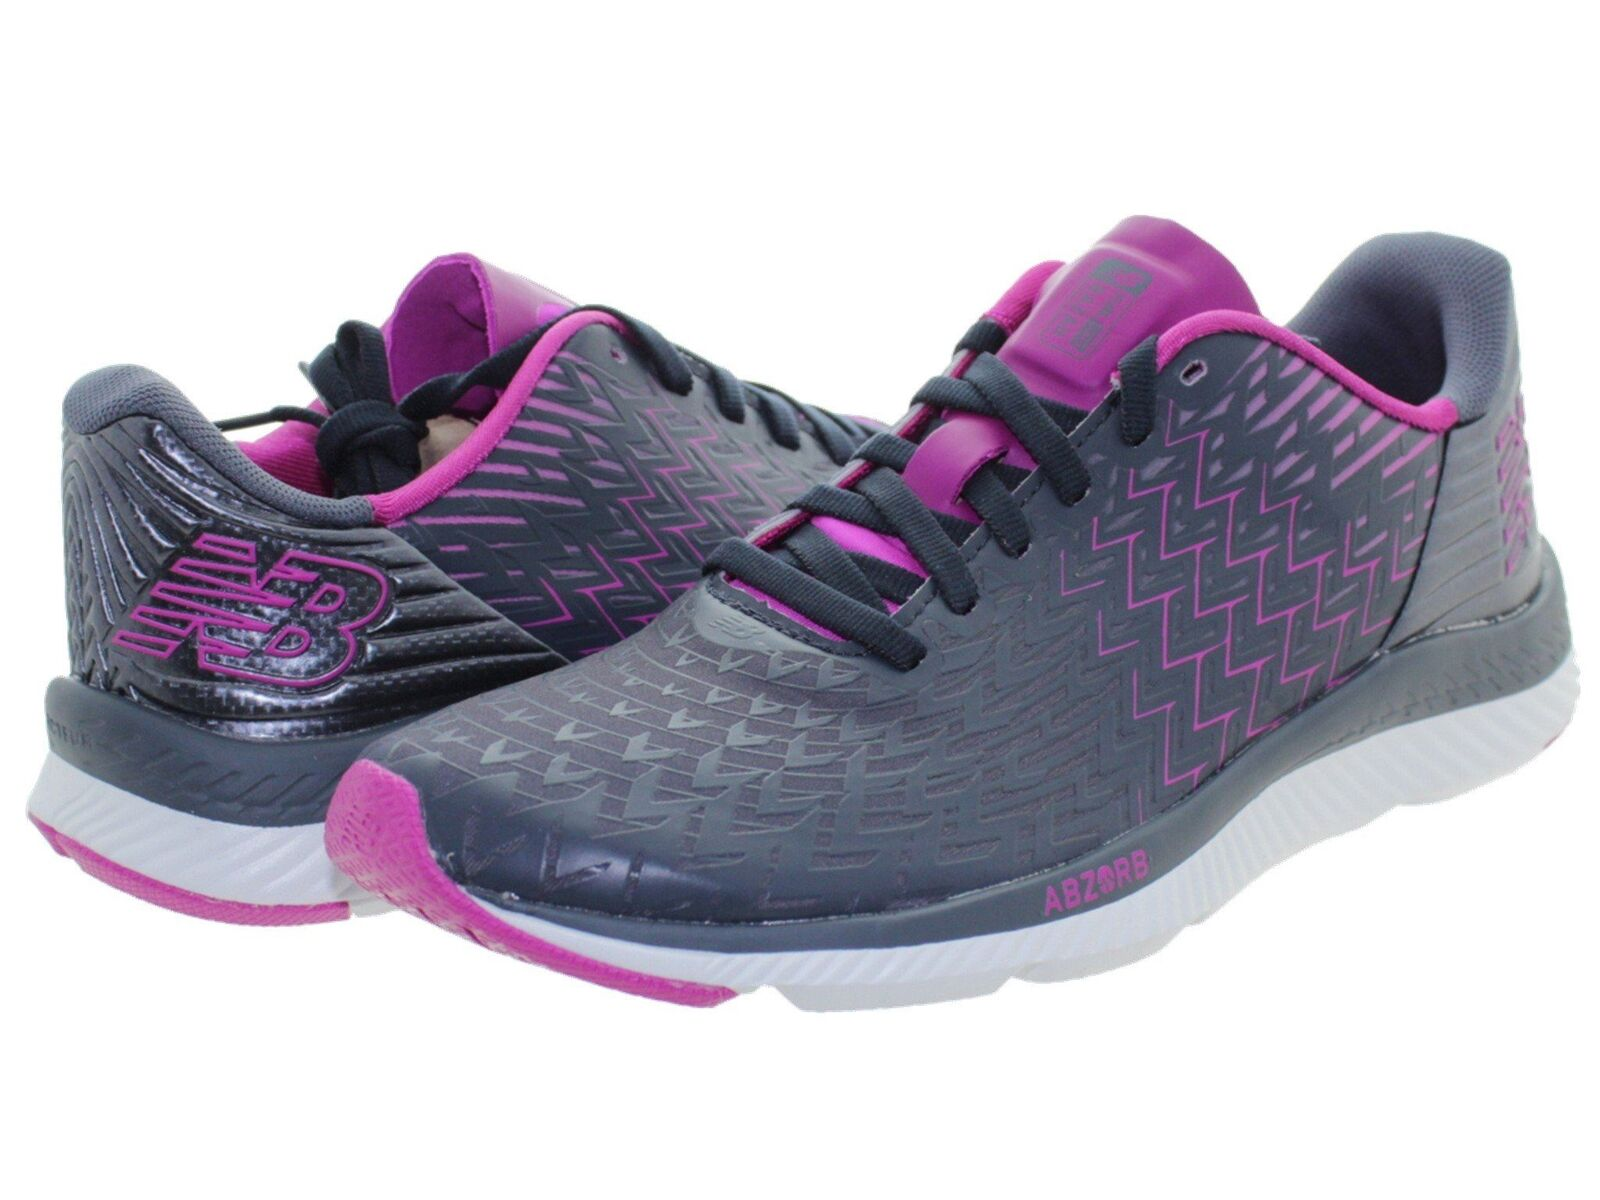 New Balance wrzhlp 1 gris violet femme chaussures de course